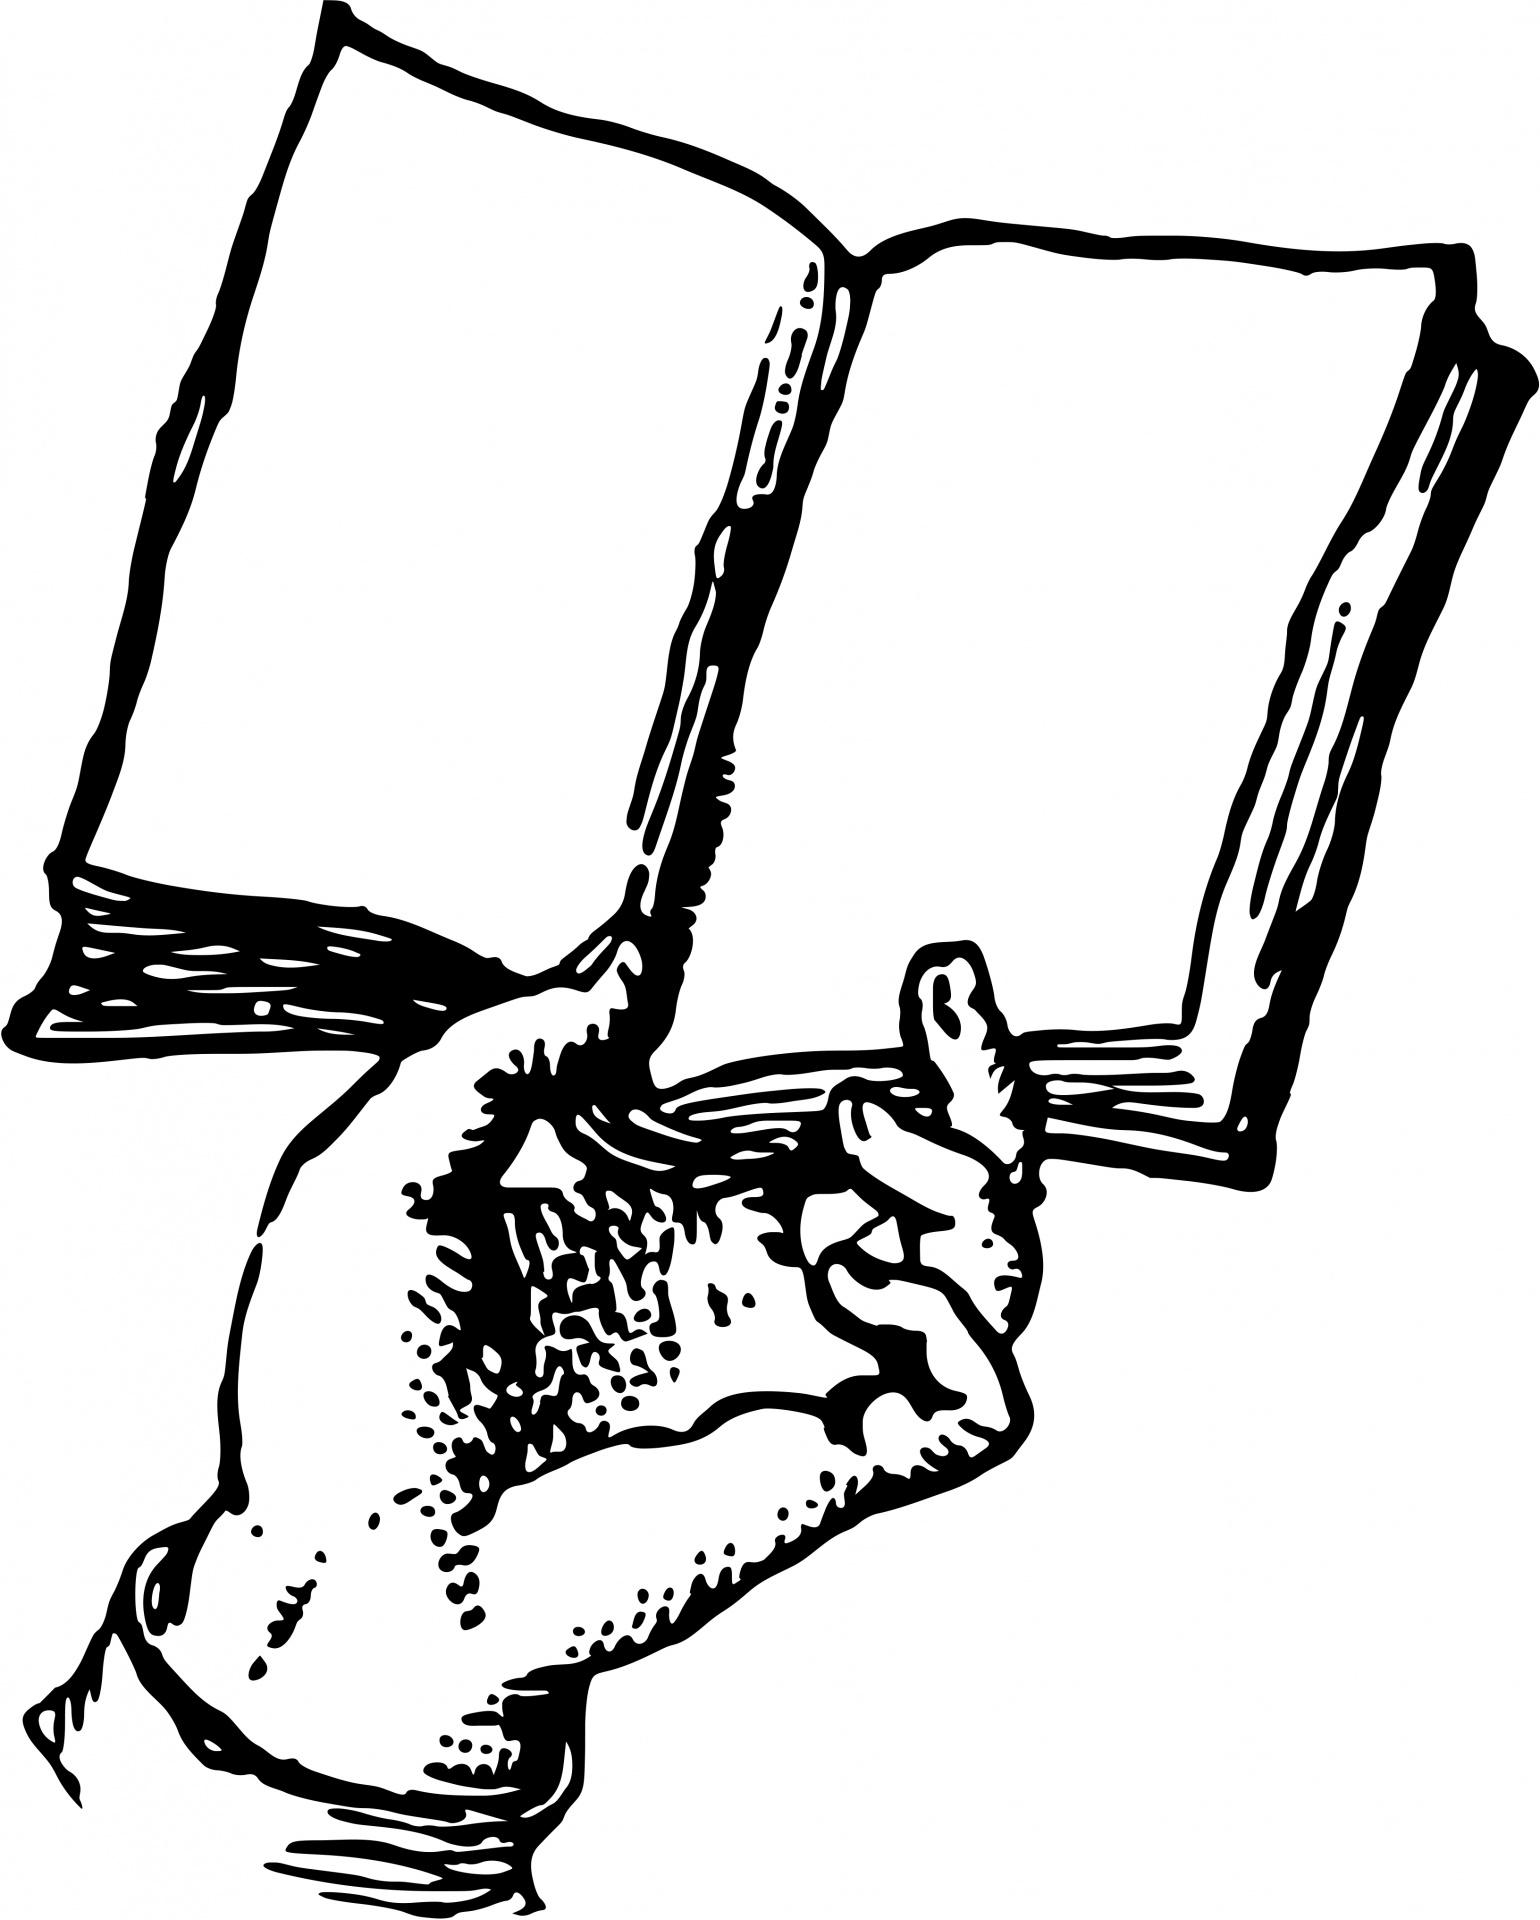 Clipart Public Domain